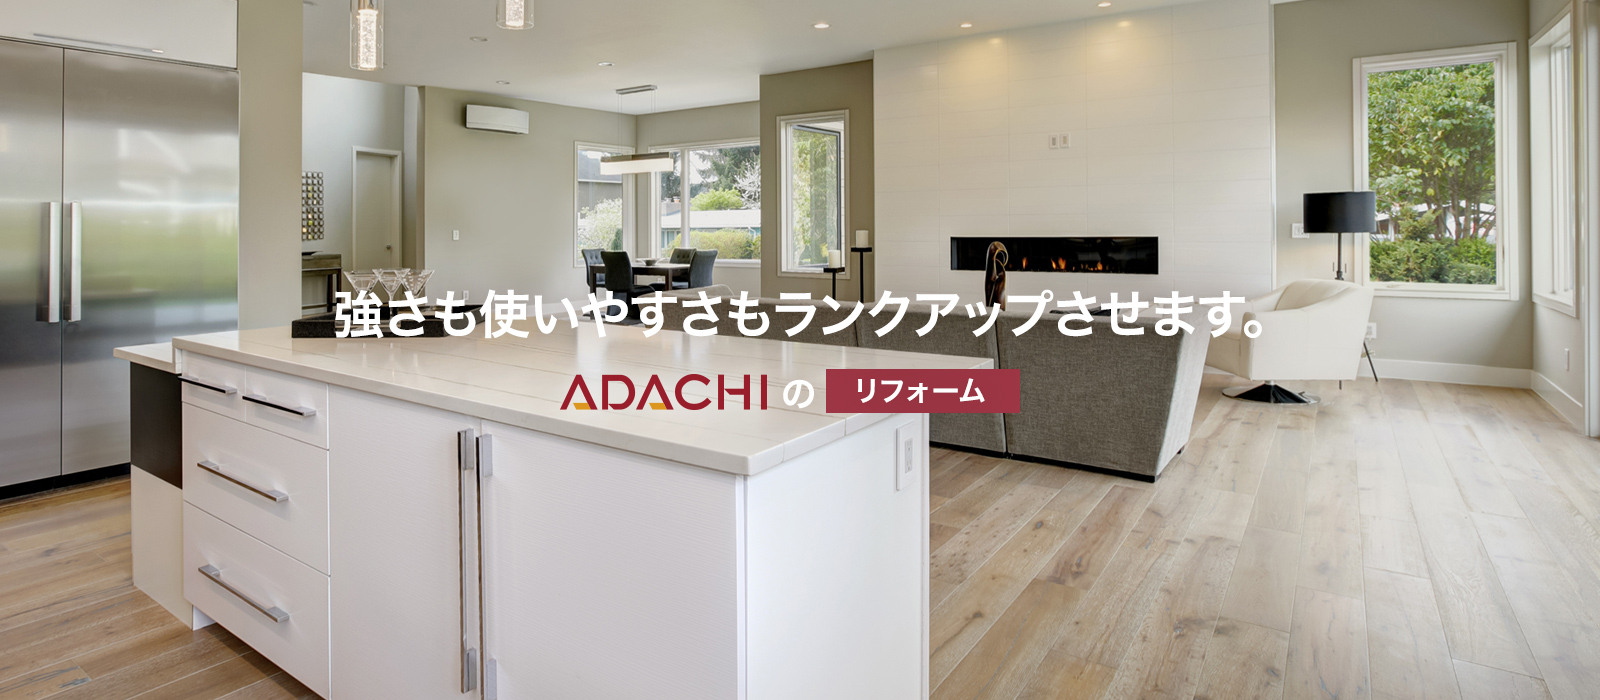 ADACHIの店舗建築